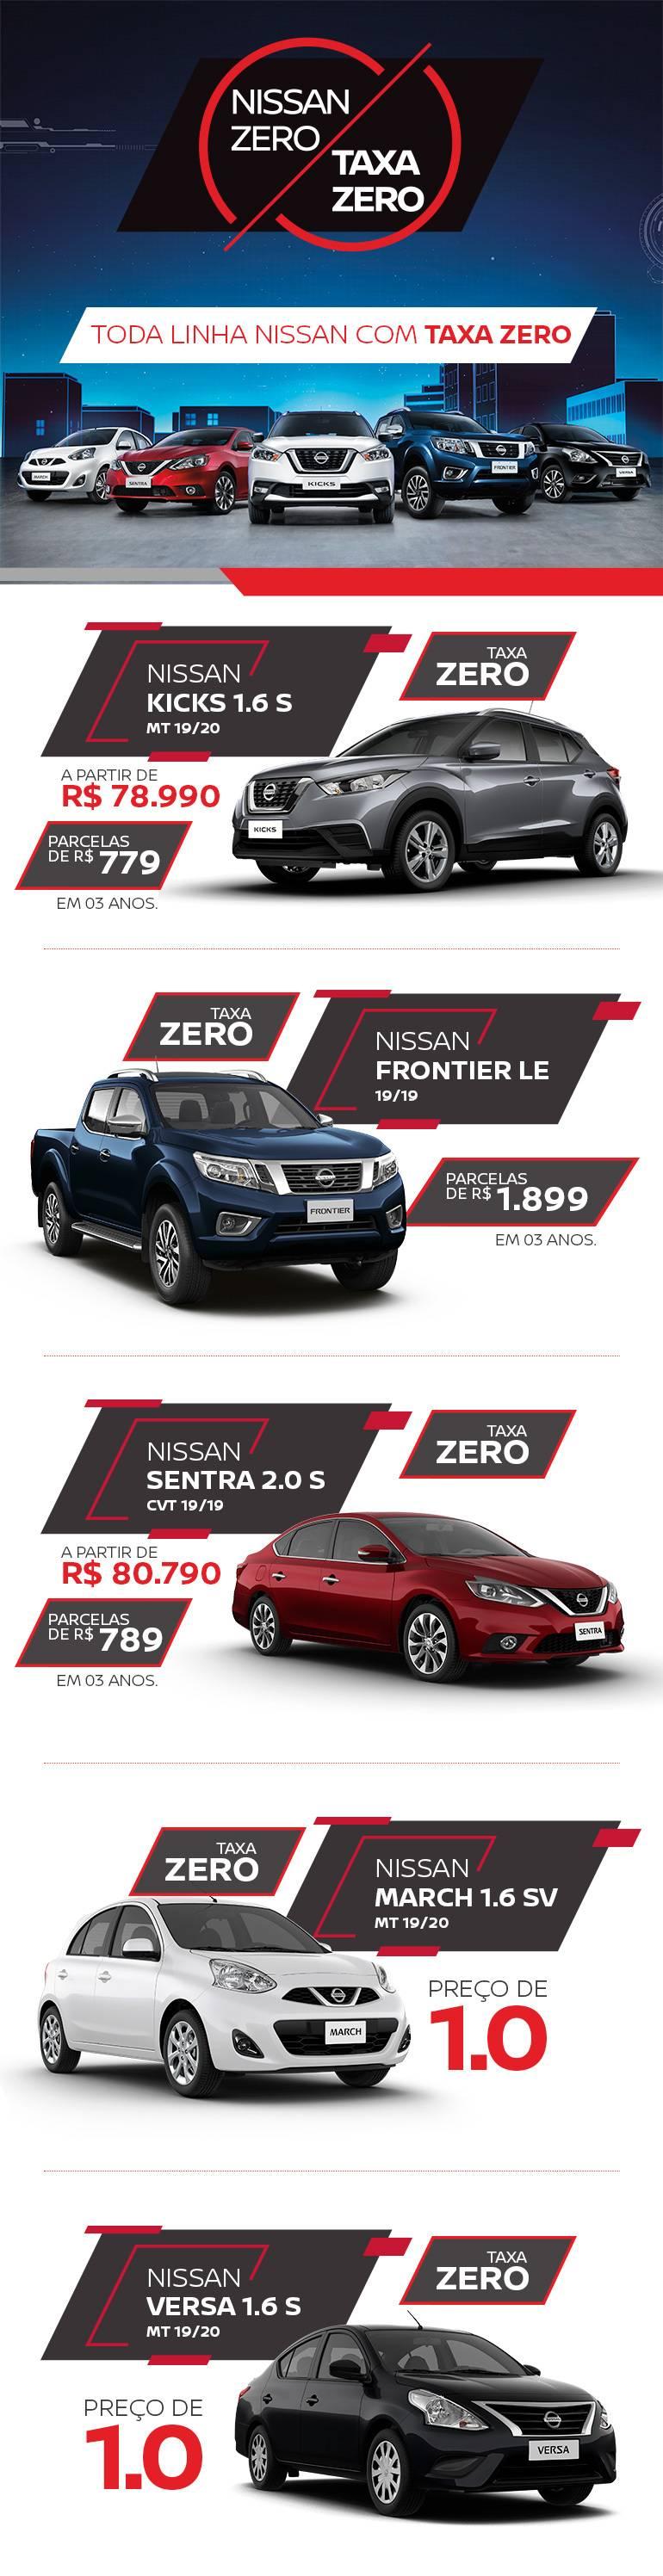 Nissan com Taxa Zero